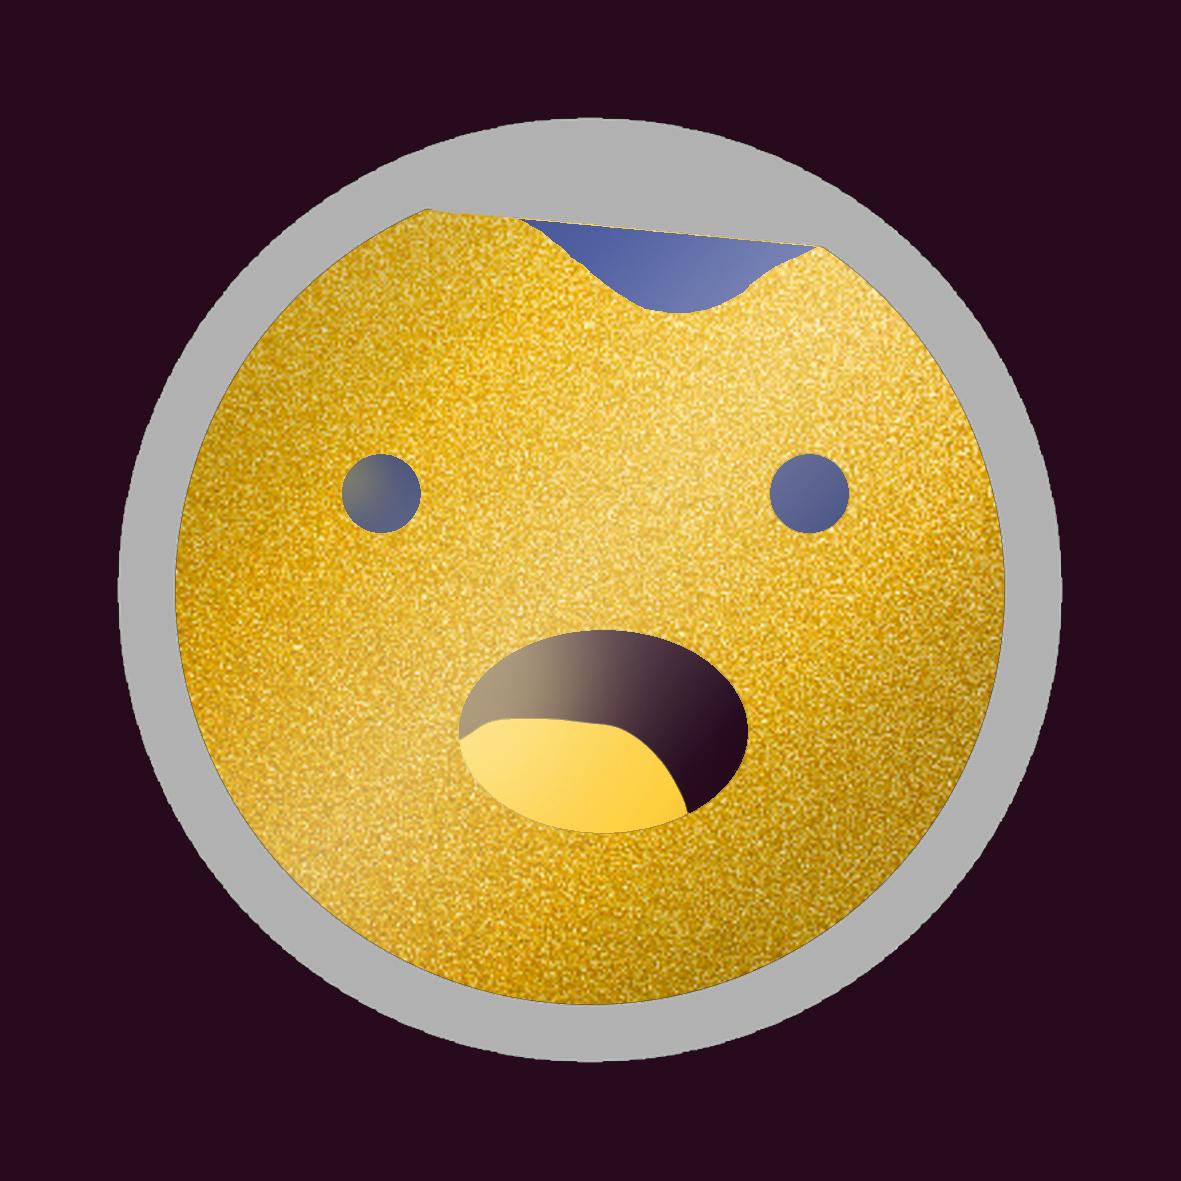 gold_sticker_sand_2021